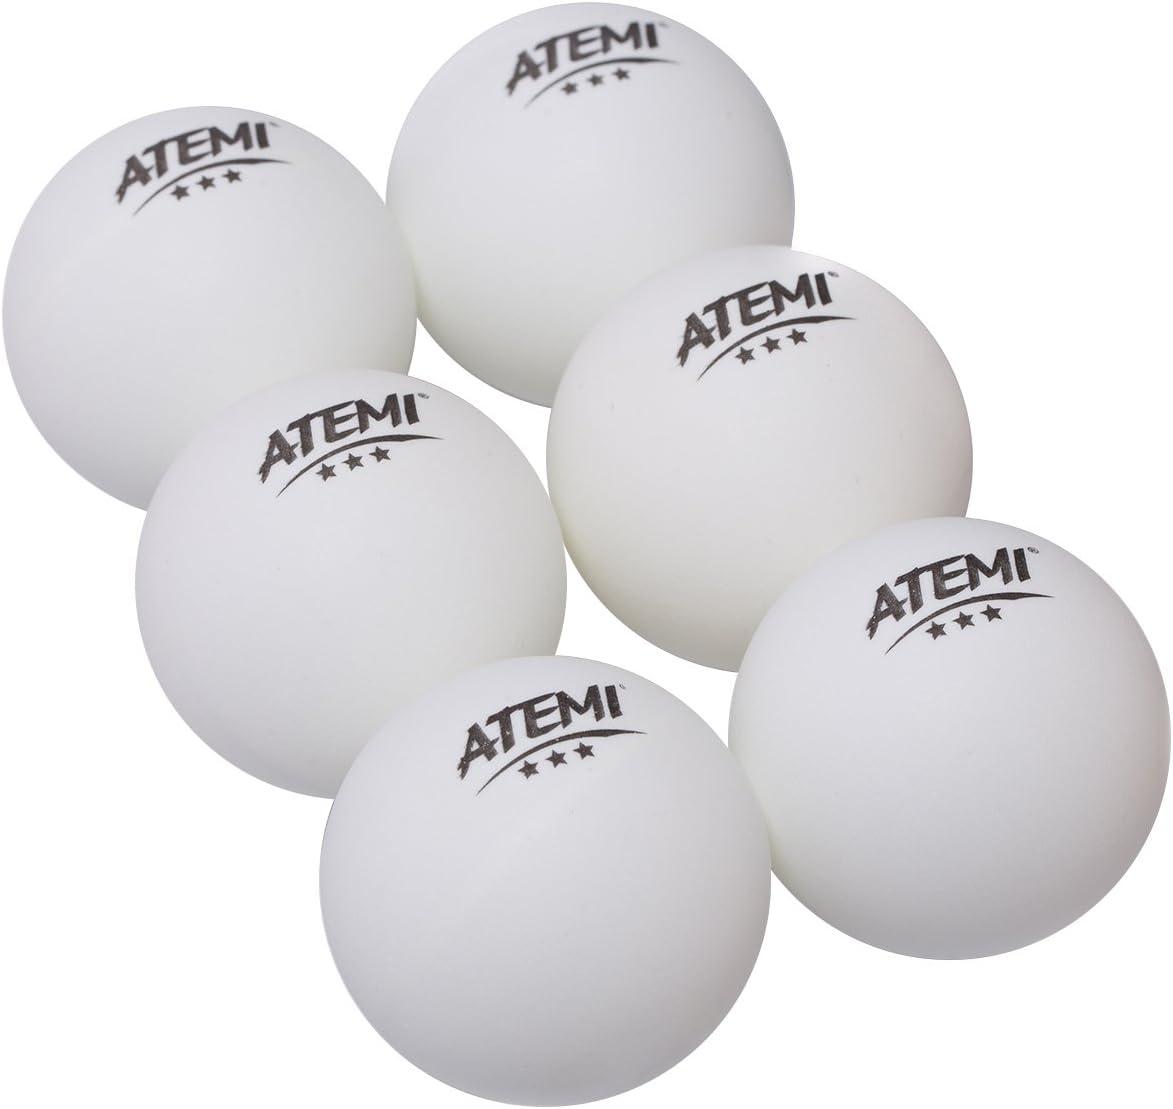 Atemi - Pelotas de Ping Pong de 3 Estrellas Profesionales Reglamentarias de 40mm (6 Unid) | Uso Interior/Exterior | Set de Tenis de Mesa Estándar| Rebote Redondez Dureza Mejorados | Naranja o Blanca